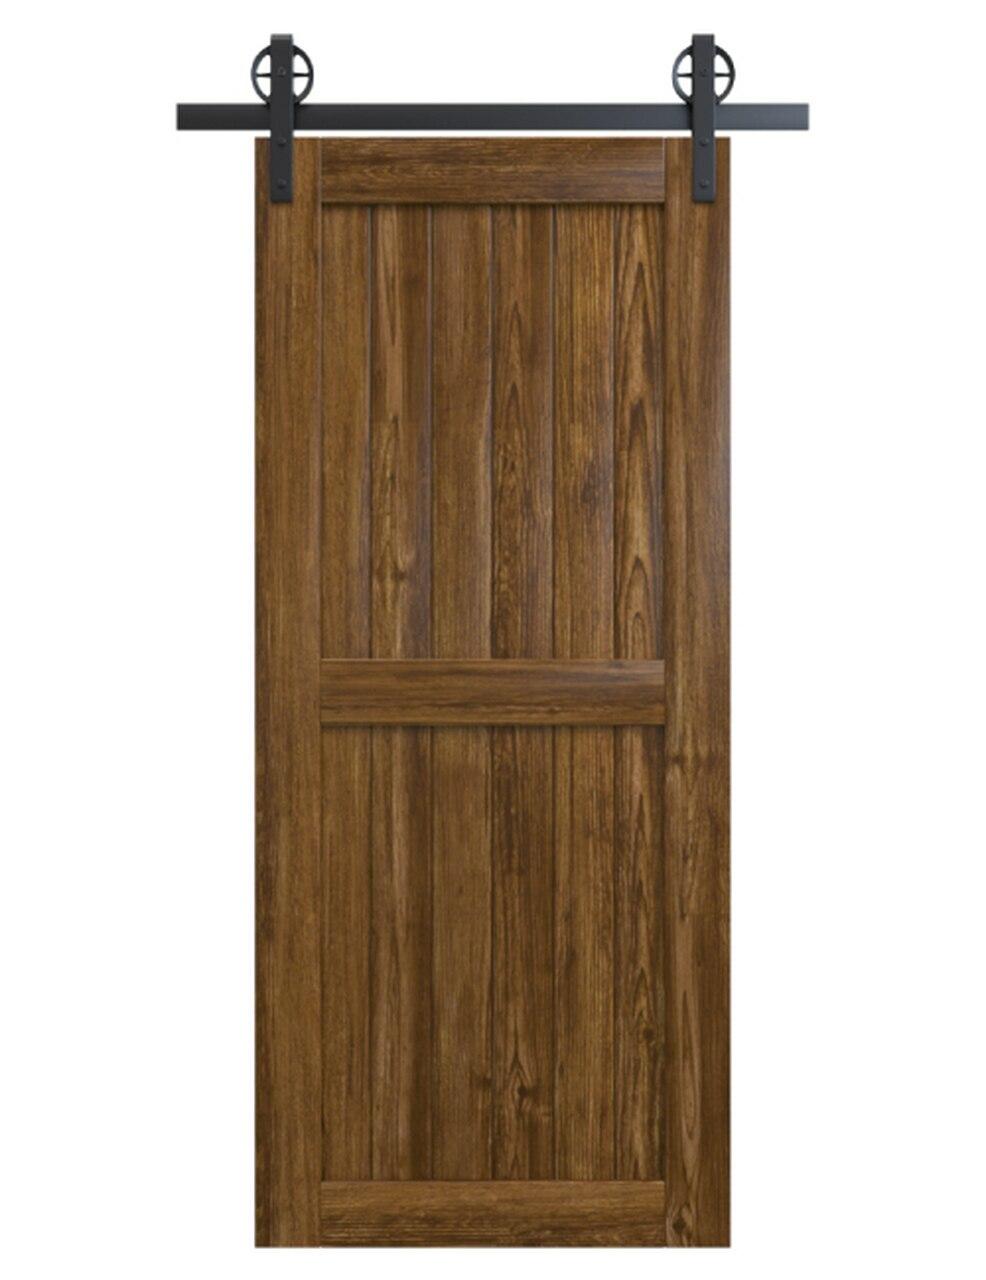 naples stained wood 2 panel barn door